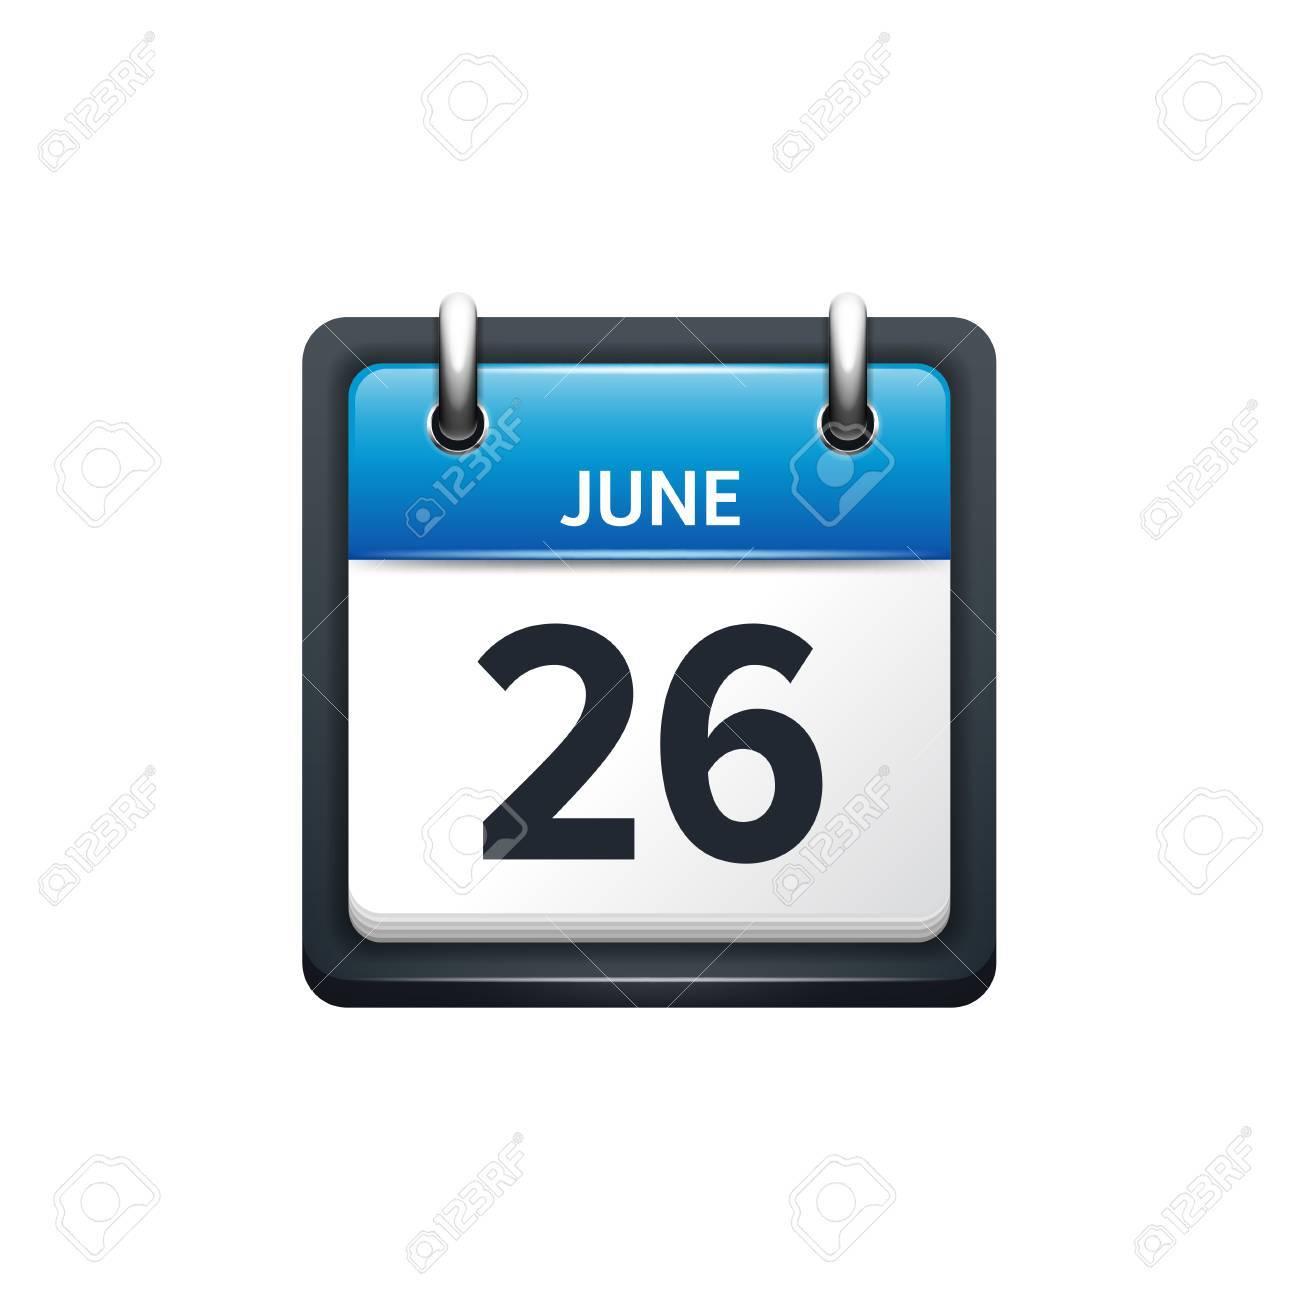 Calendario Mese Giugno.26 Giugno Icona Del Calendario Illustrazione Vettoriale Stile Piano Mese E Data Domenica Lunedi Martedi Mercoledi Giovedi Venerdi Sabato